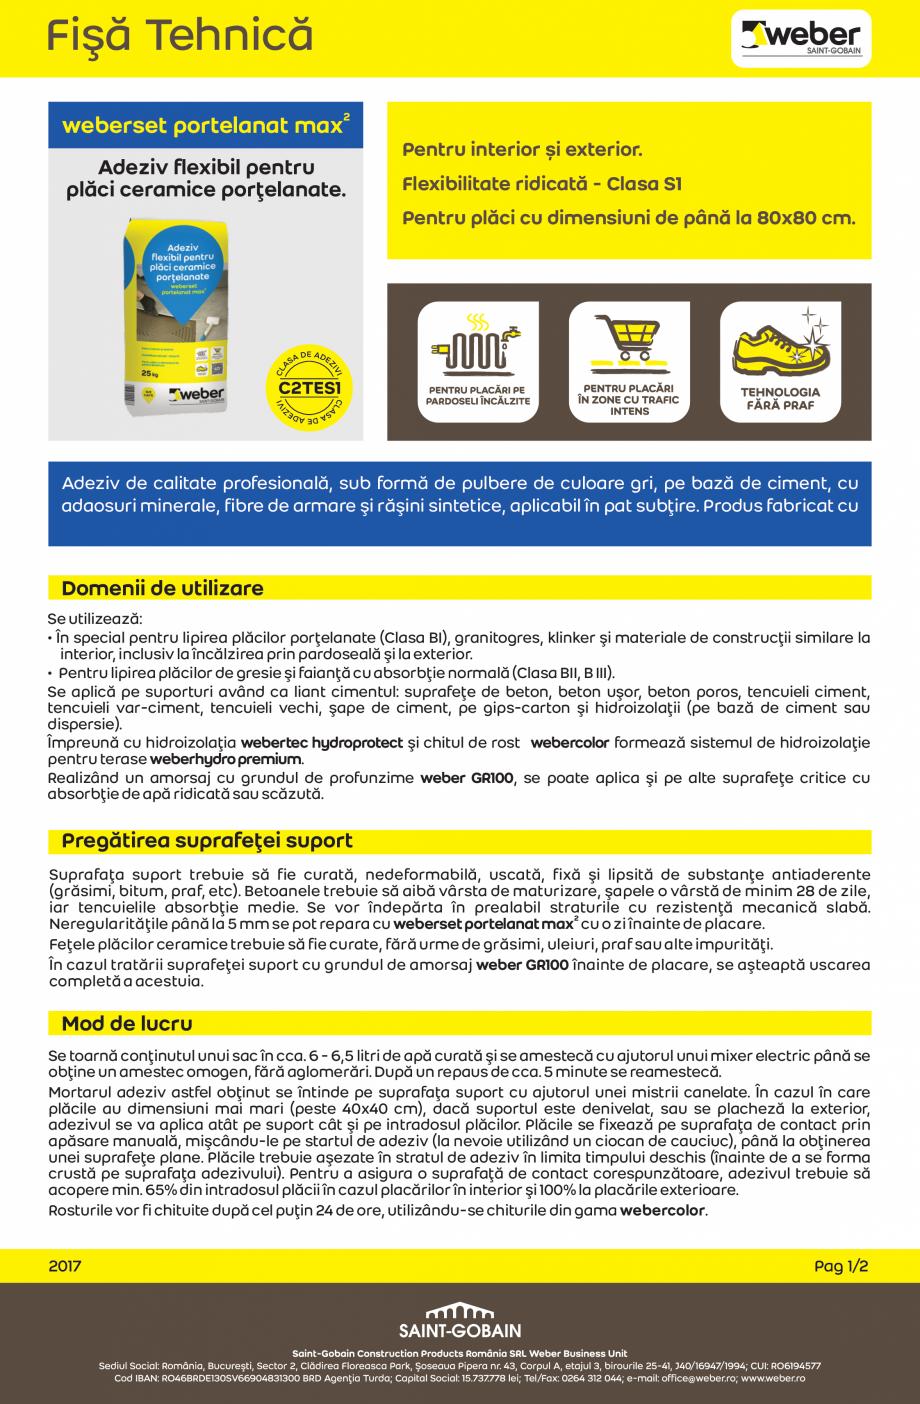 Pagina 1 - Adeziv flexibil pentru placi ceramice portelanate WEBER weberset portelanat max2 Fisa...